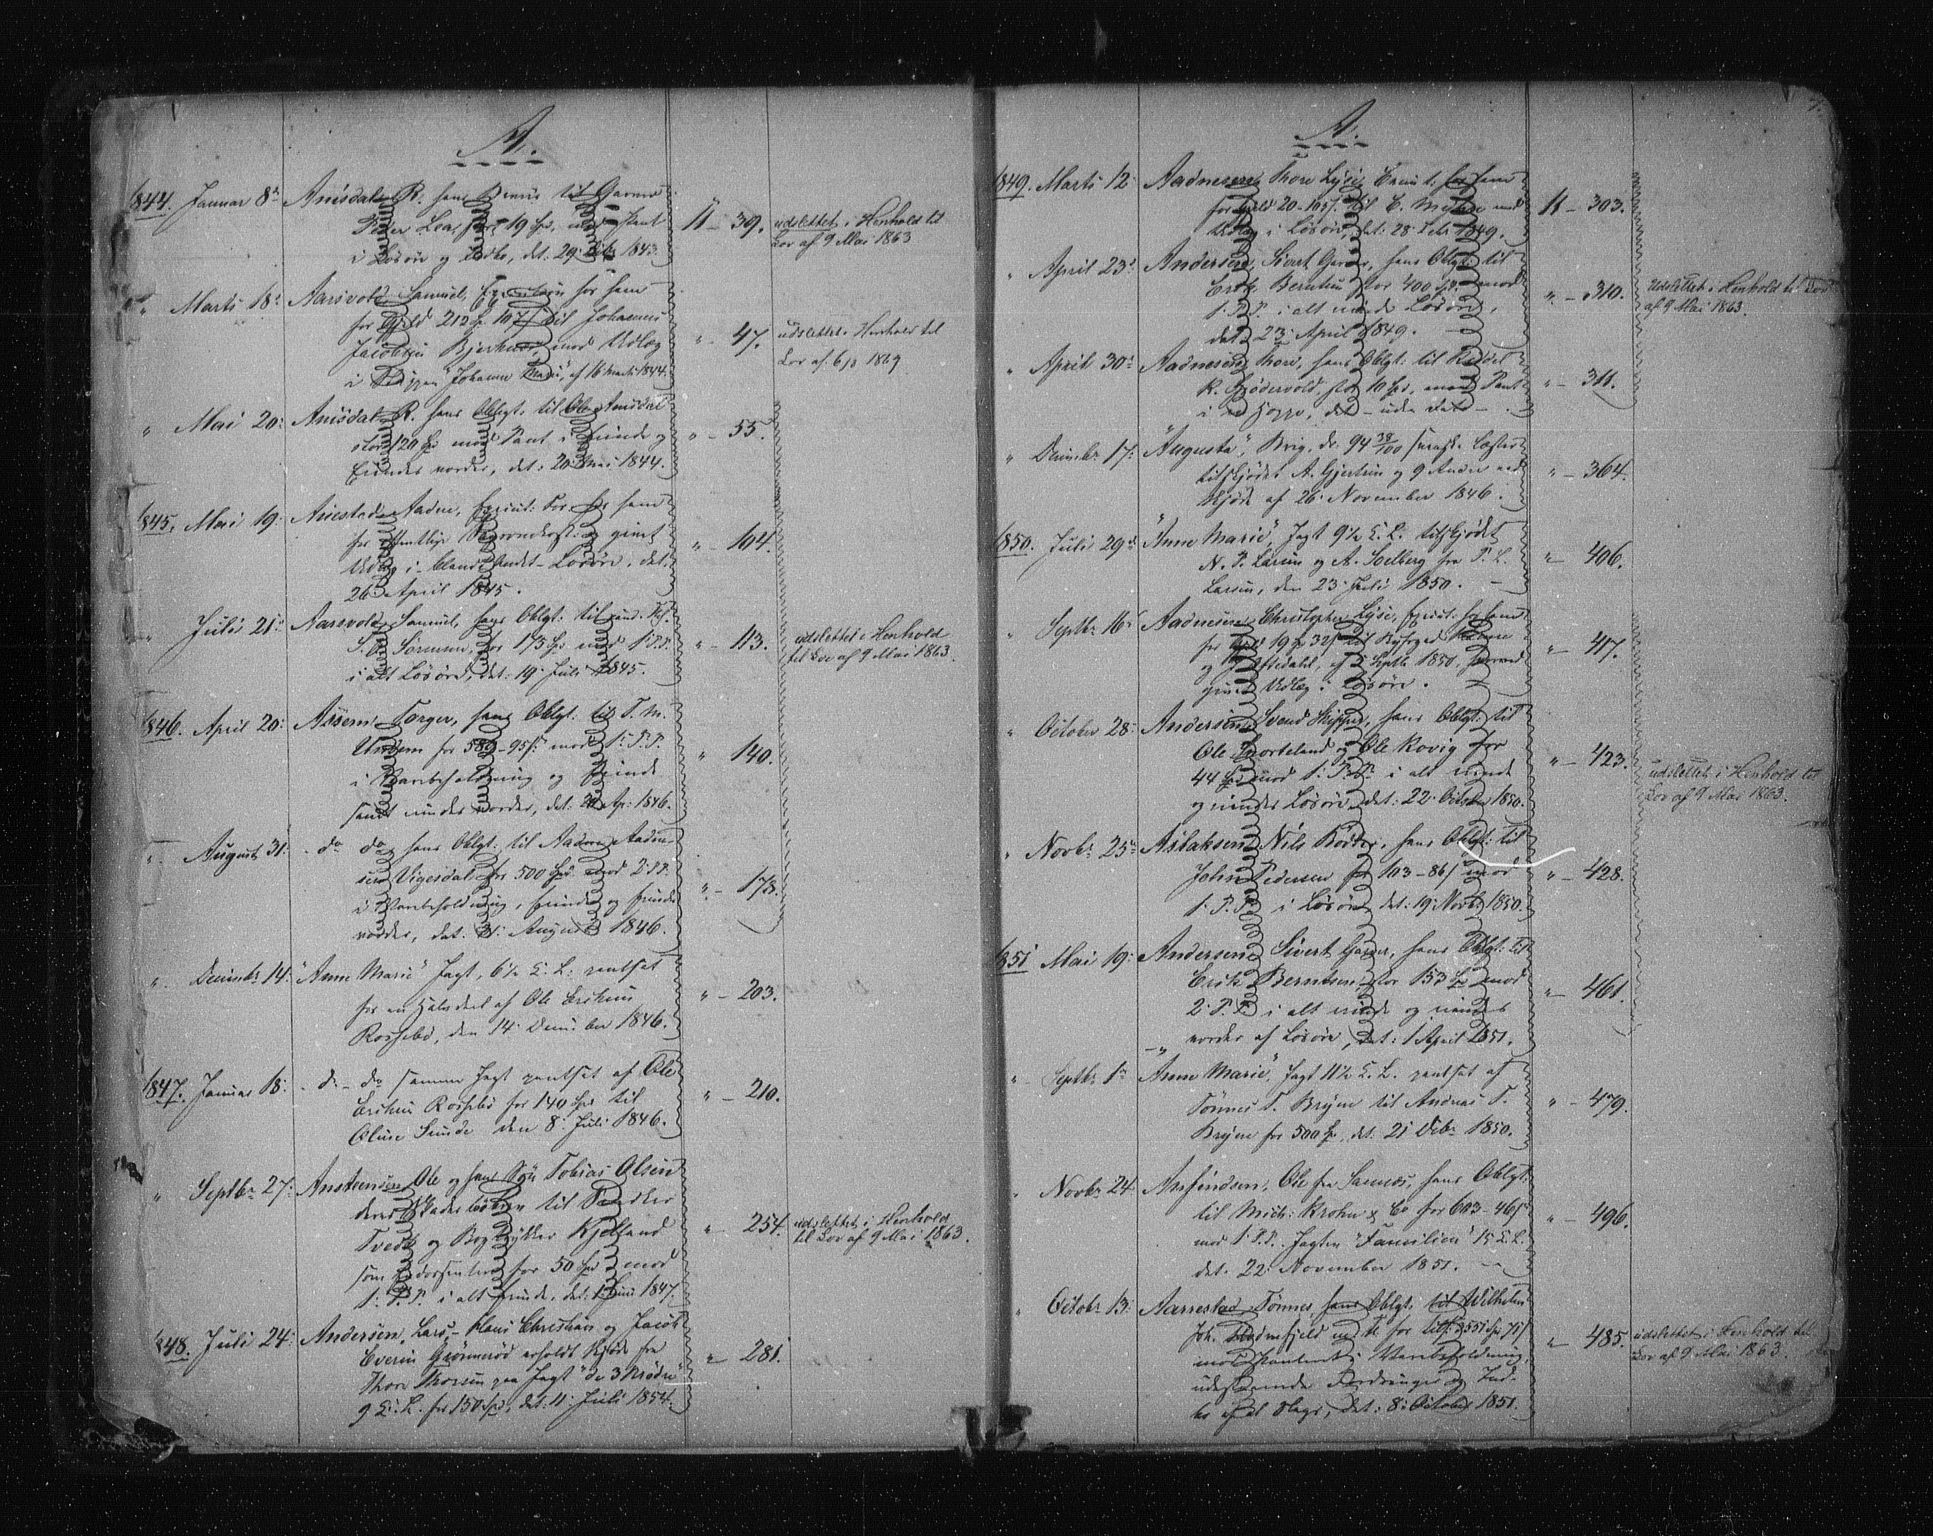 SAST, Stavanger byfogd, 4/41/410/410AA/L0001: Panteregister nr. AA 1, 1855, s. 4